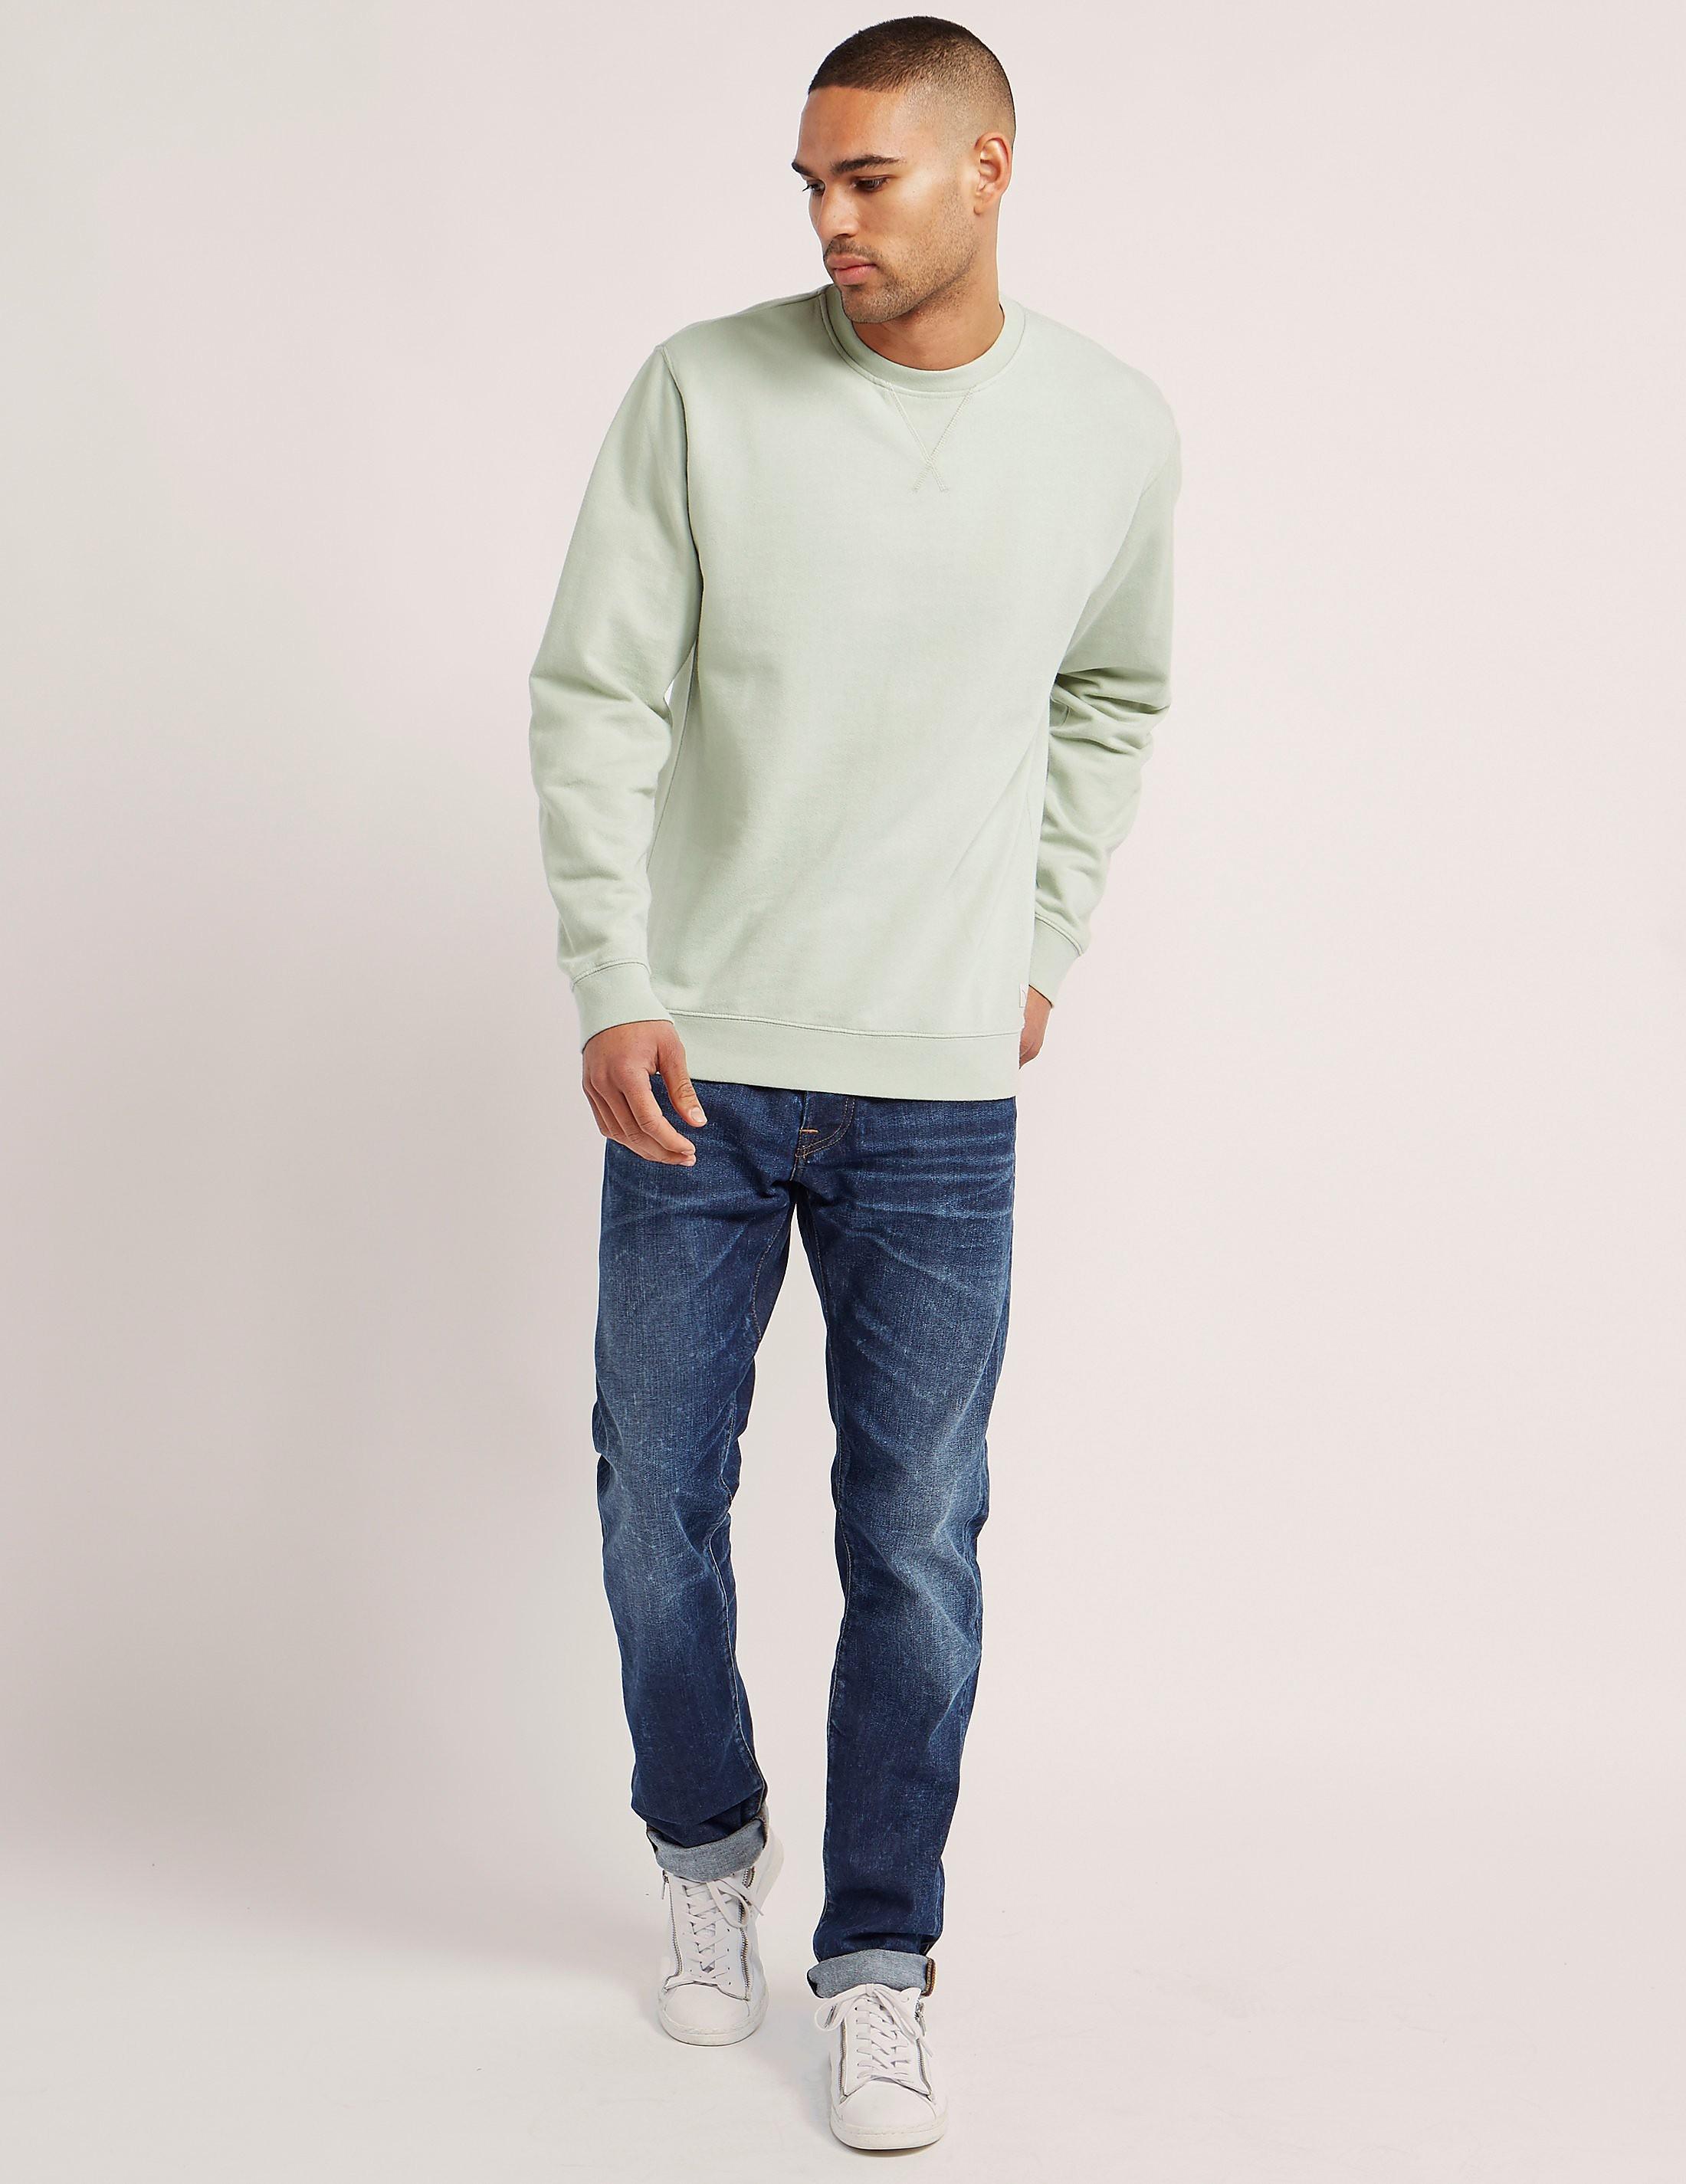 Edwin Classic Crew Sweatshirt